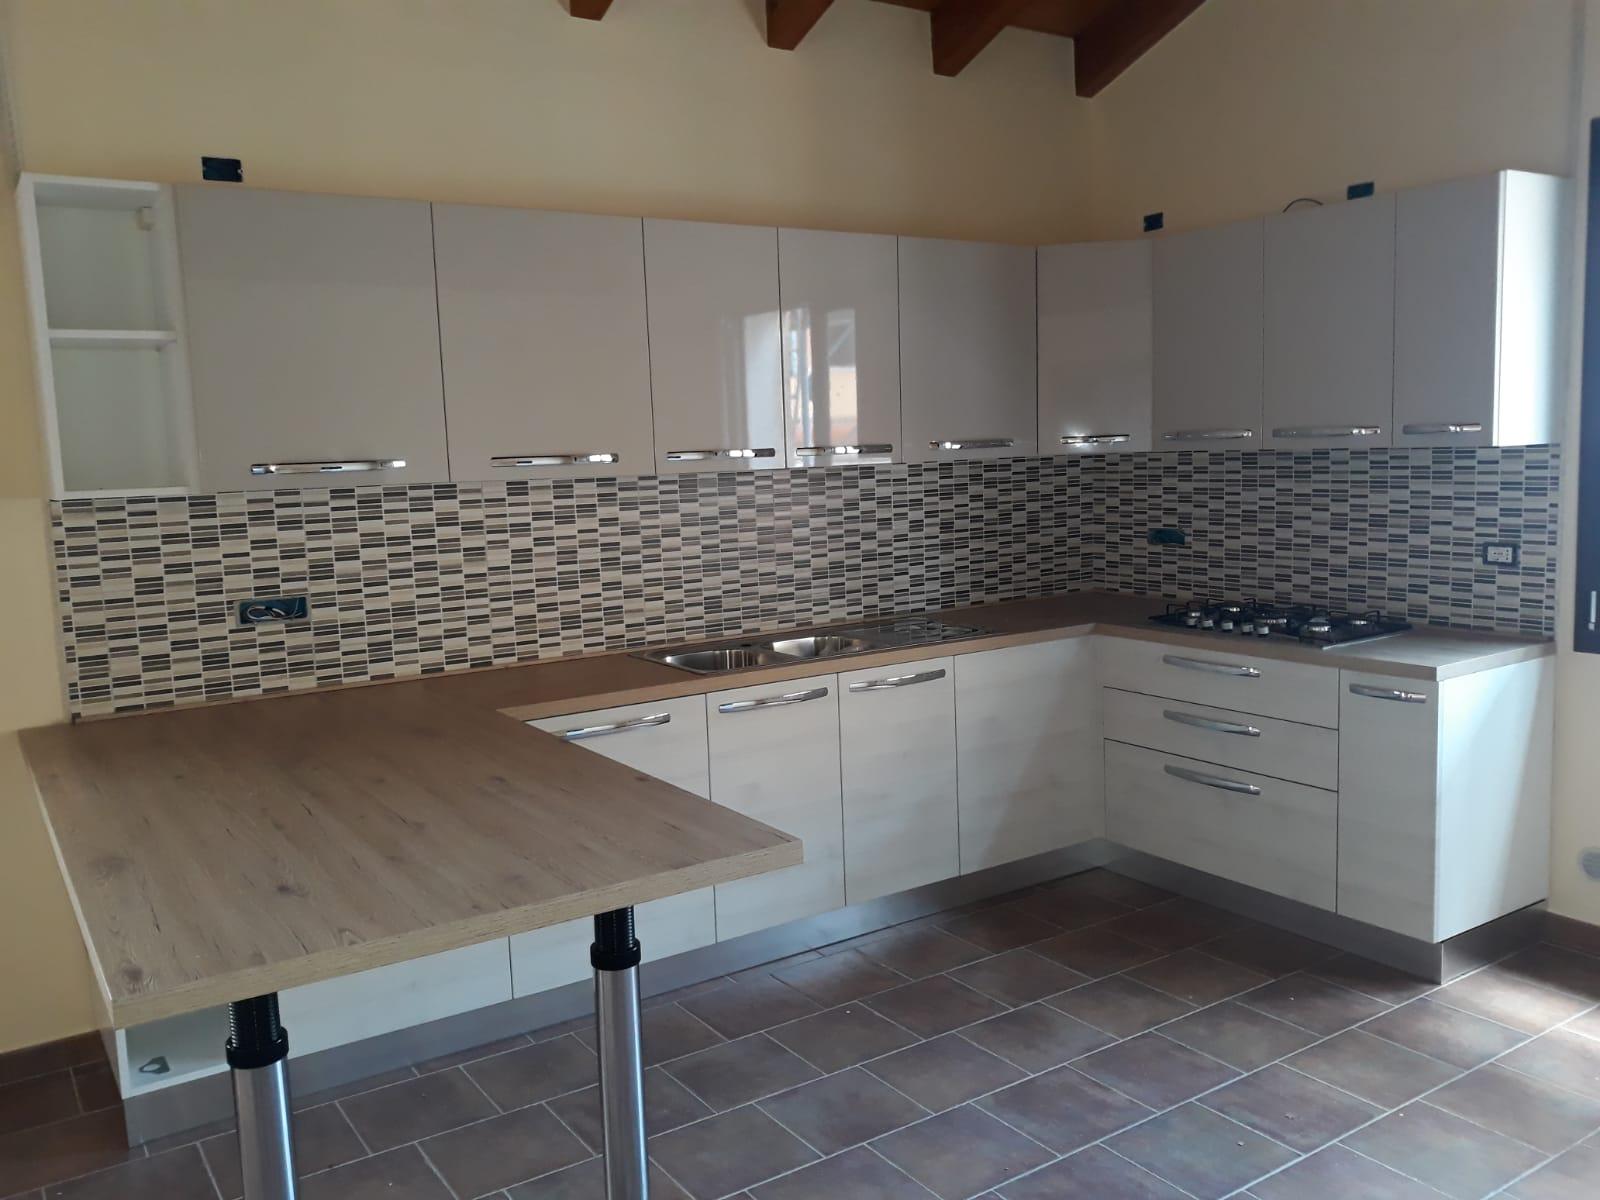 Cucine Cagliari Arredi 2000 0724 WA0000